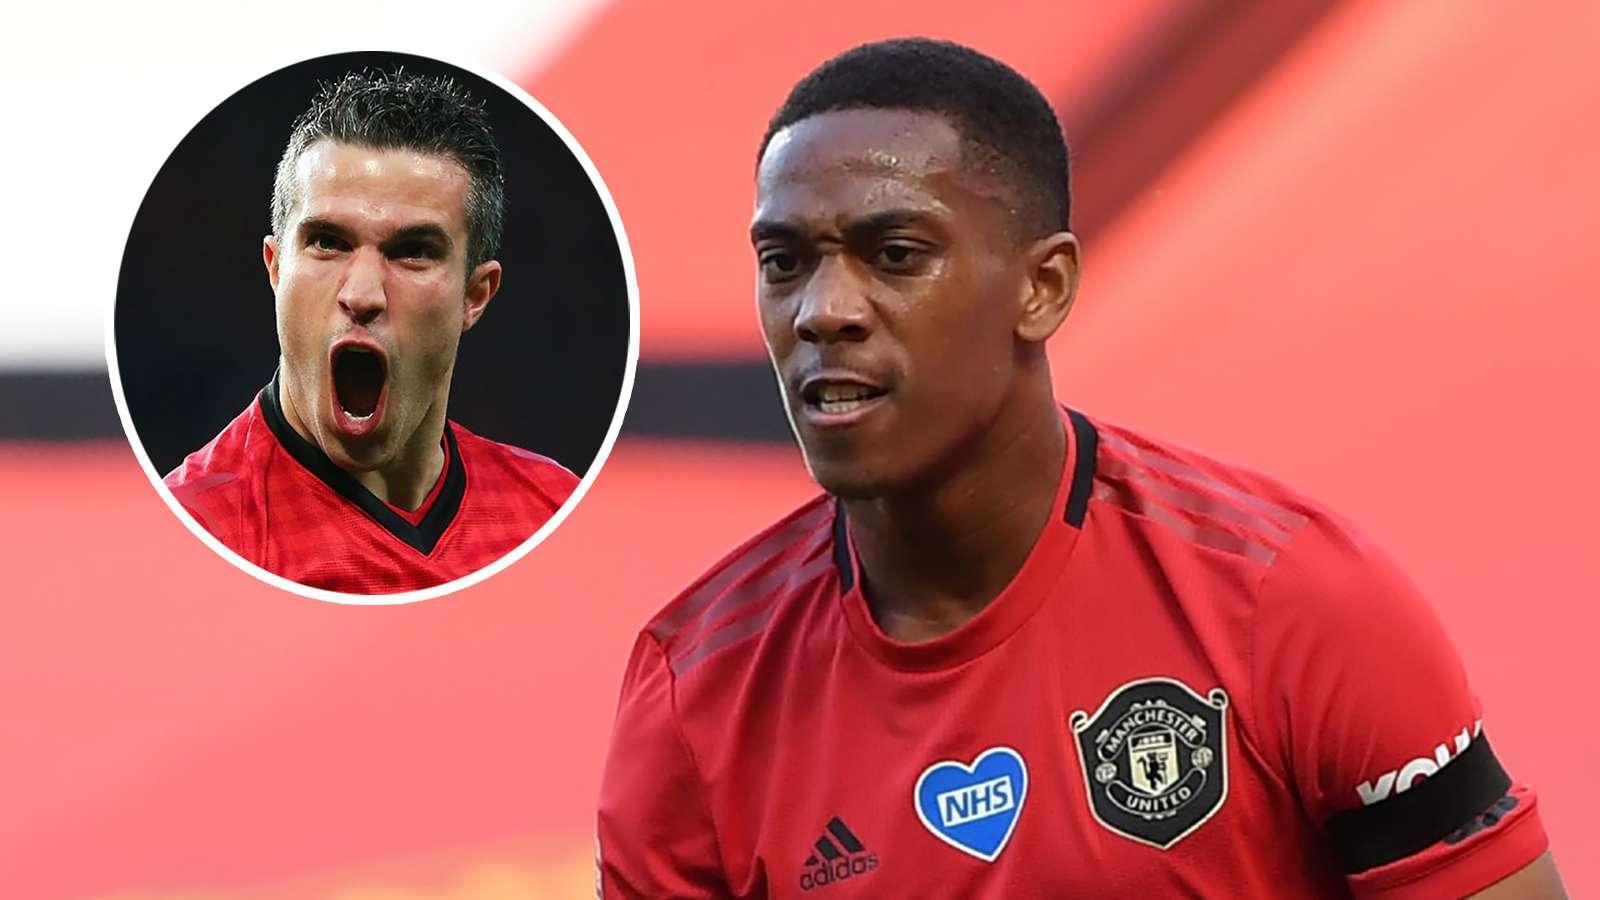 منچستریونایتد / لیگ برتر / فرانسه / انگلیس / France / Premier League / Manchester United